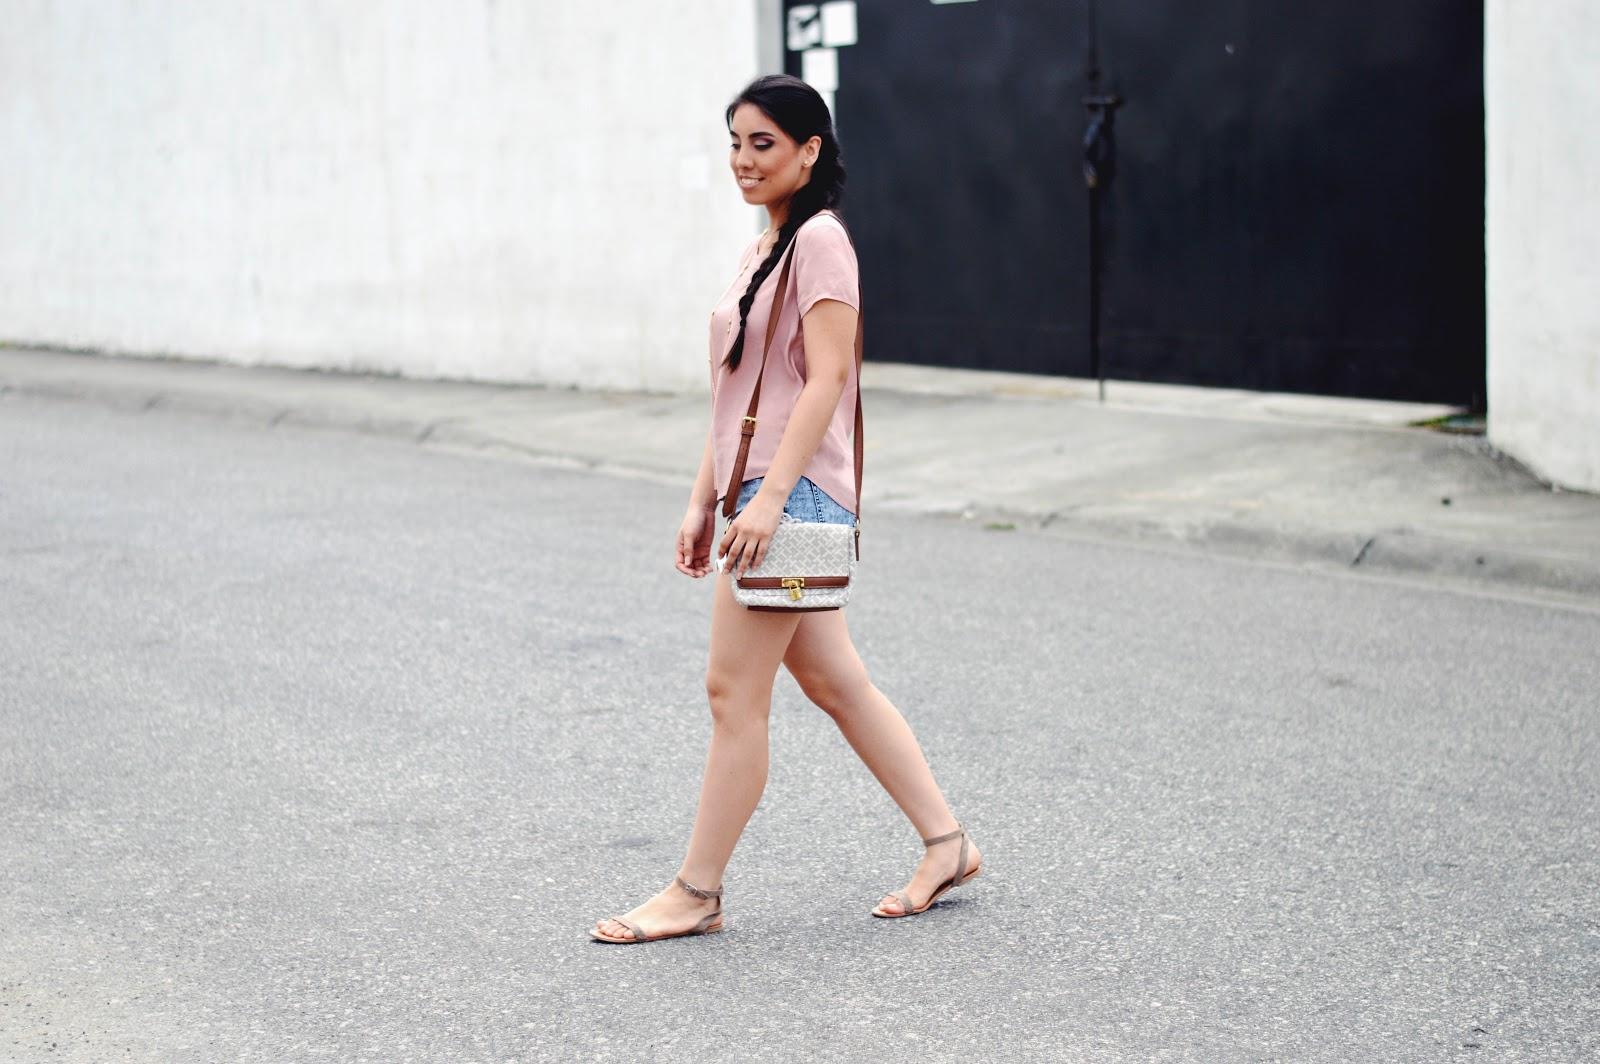 silvia-armas-simple-beauty-pink-denim-fashion-makeup-latina-blogger-ecuador